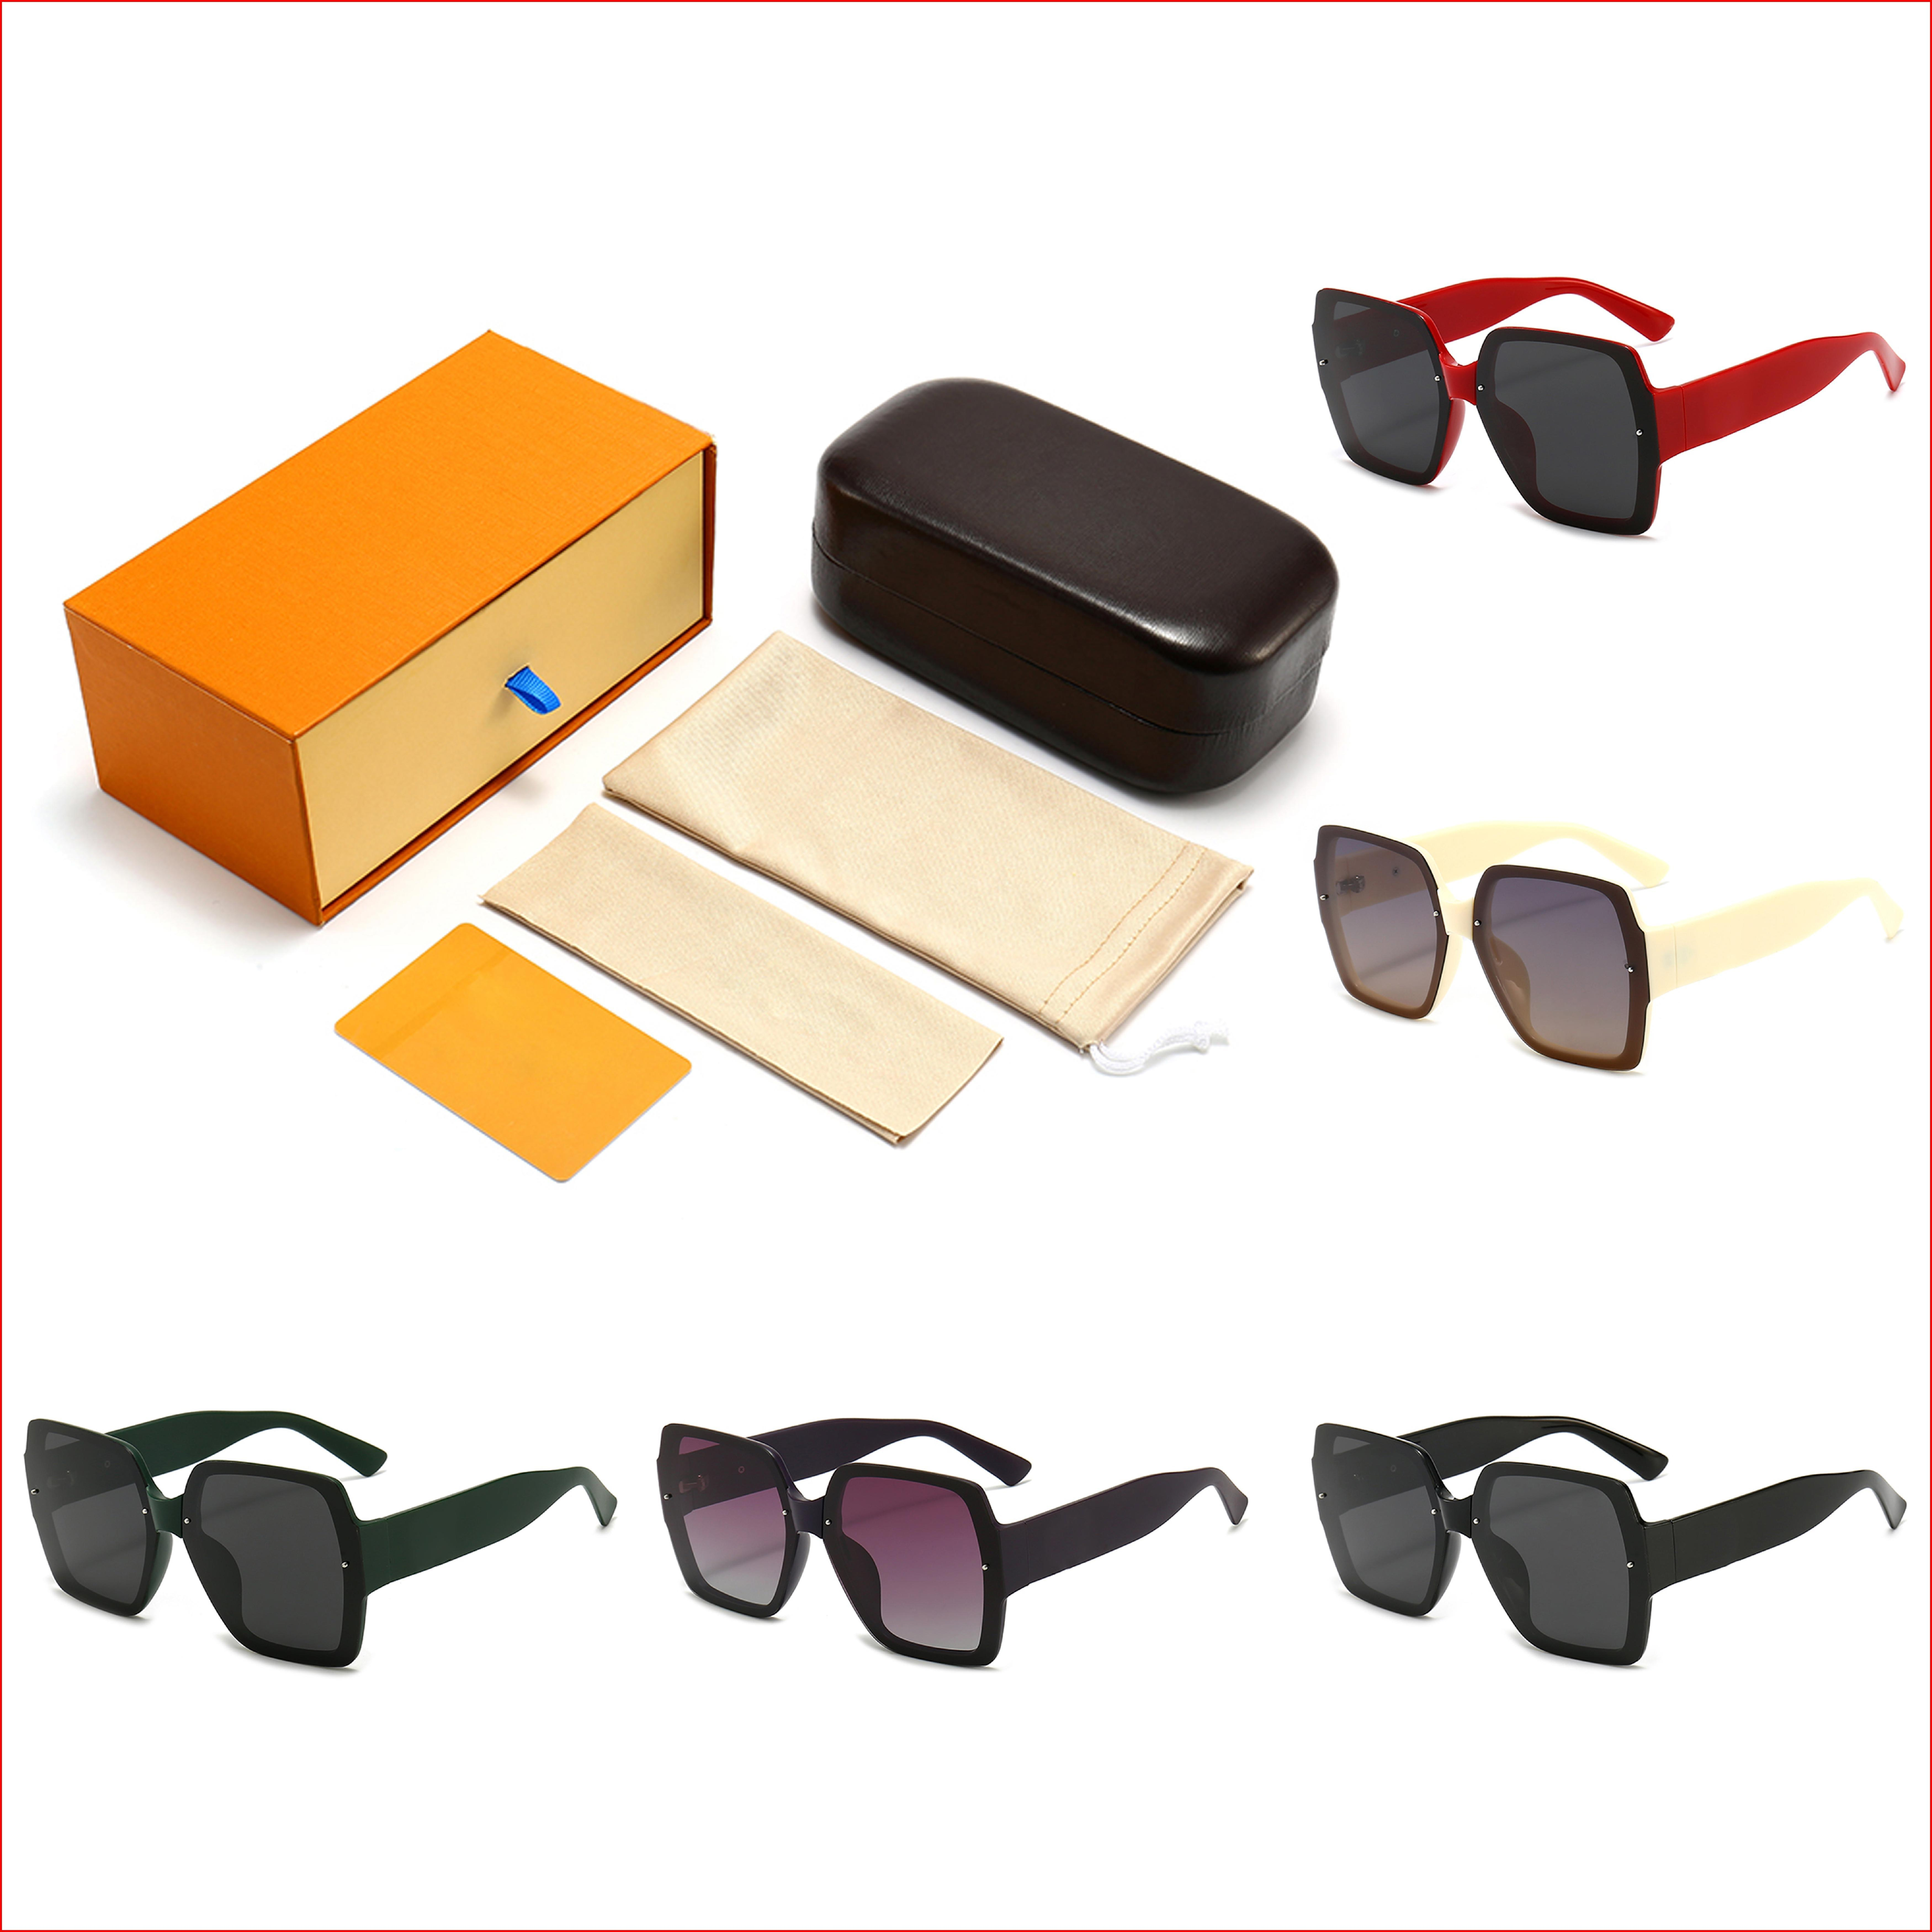 المصممين العلامة التجارية النظارات الشمسية الفاخرة للنساء جودة عالية uv400 هدية مربع مجموعة الأزياء النظارات الكلاسيكية 5 ألوان